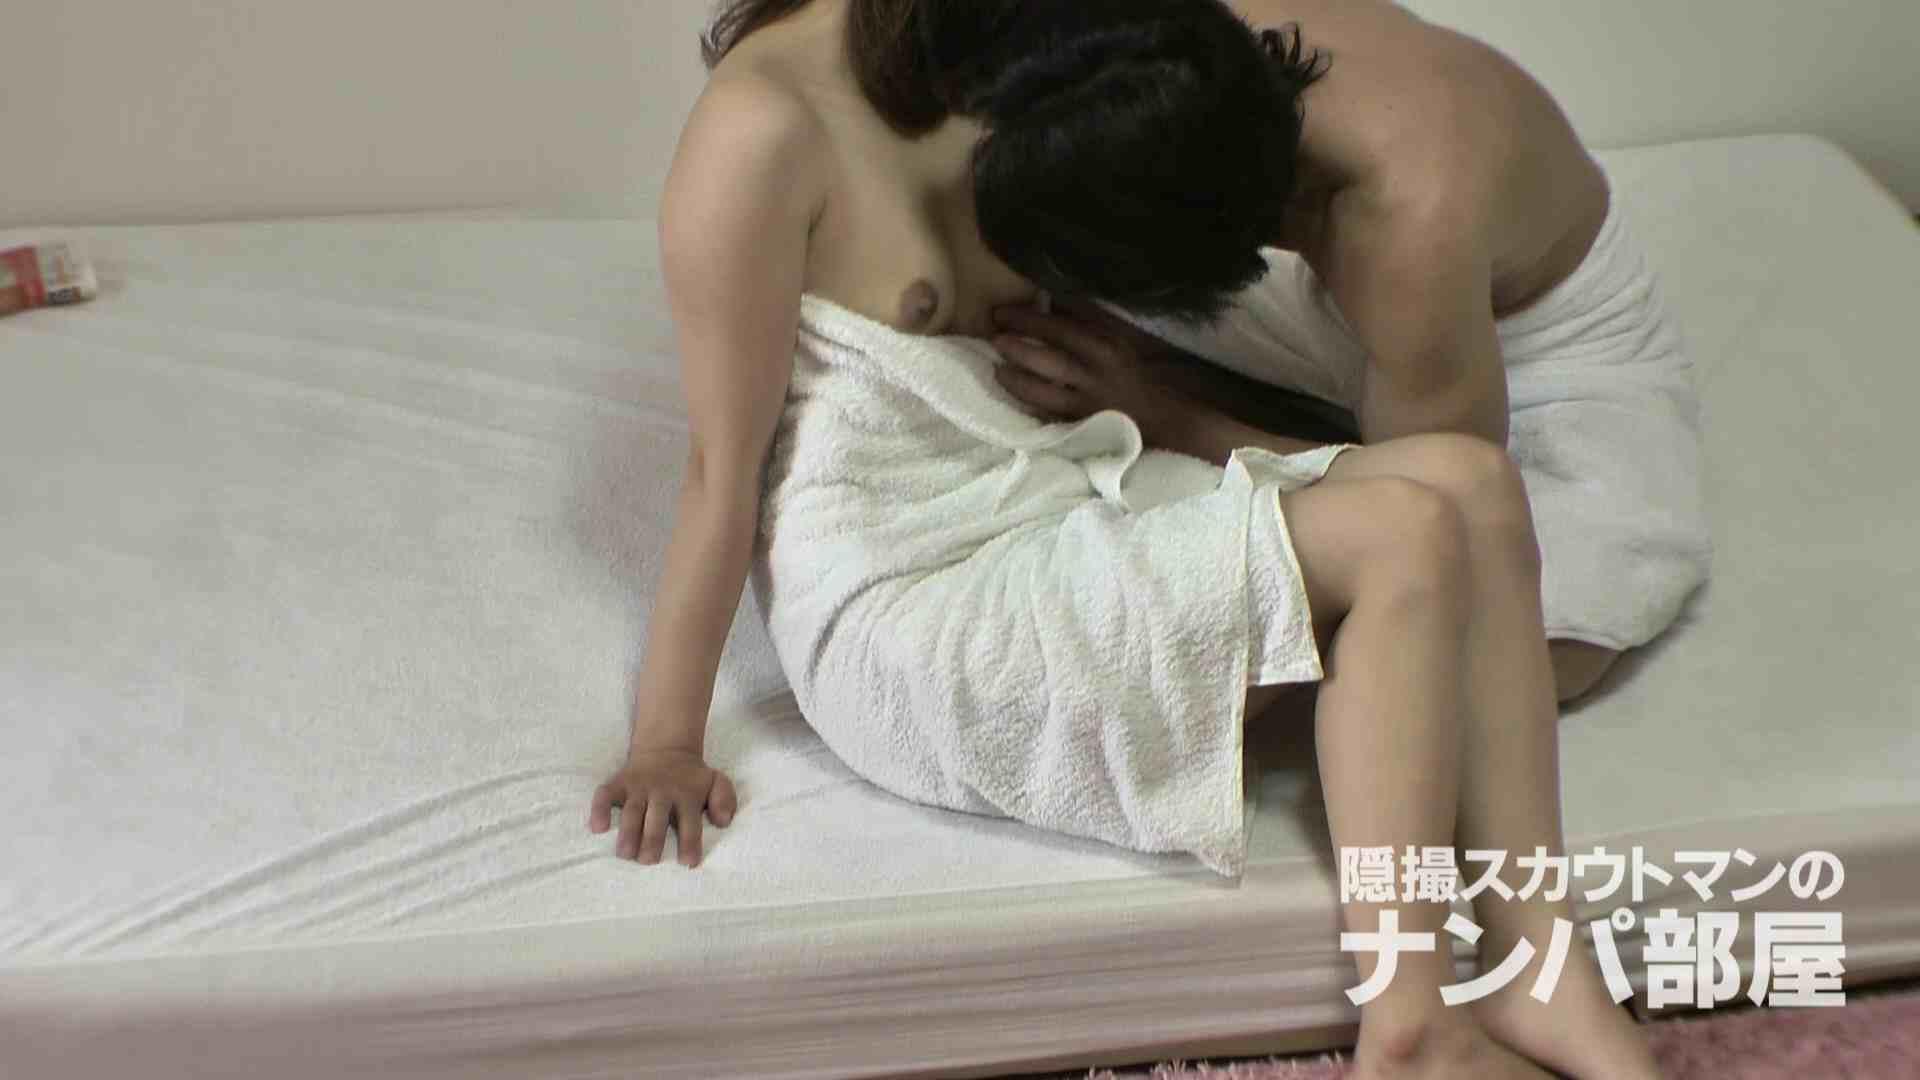 隠撮スカウトマンのナンパ部屋~風俗デビュー前のつまみ食い~ sii 隠撮  98pic 66